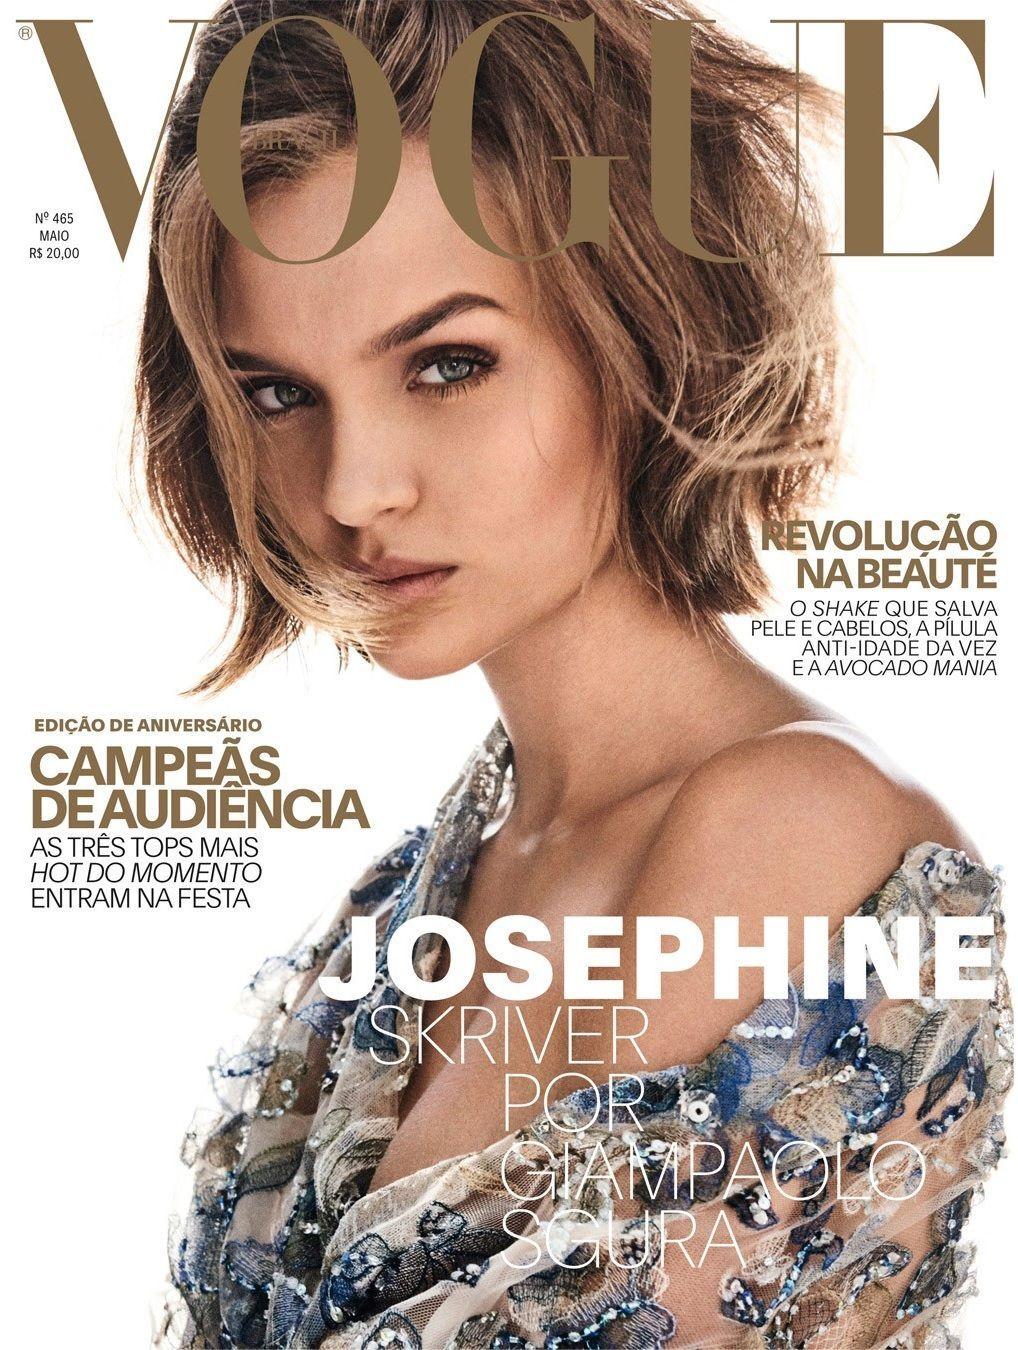 3546e5cd122c2 Josephine Skriver - Vogue Magazine Cover  Brazil  (May 2017)   Vogue ...